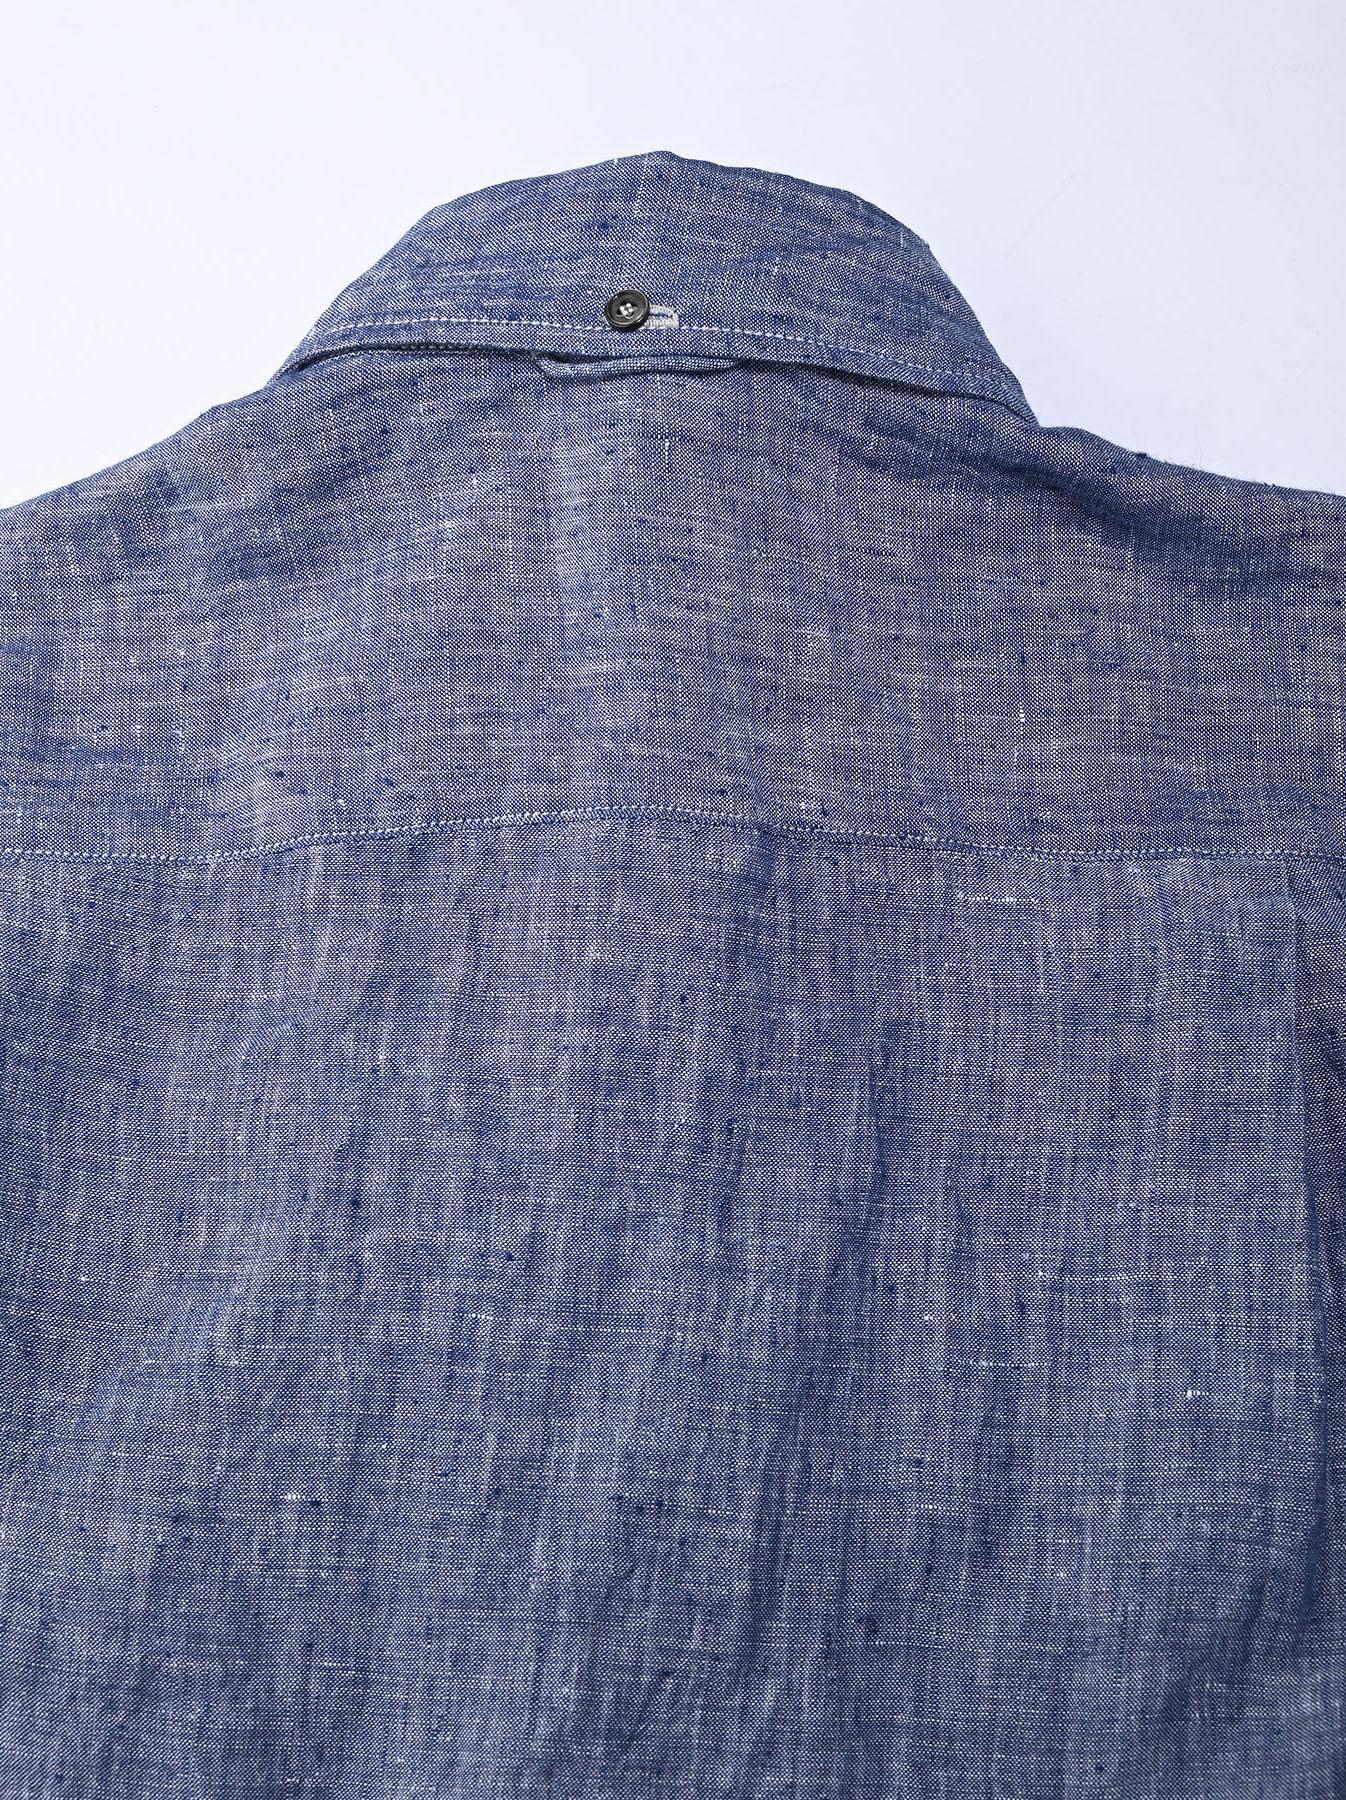 Indian Linen 908 Ocean Button Down Shirt (0421)-12